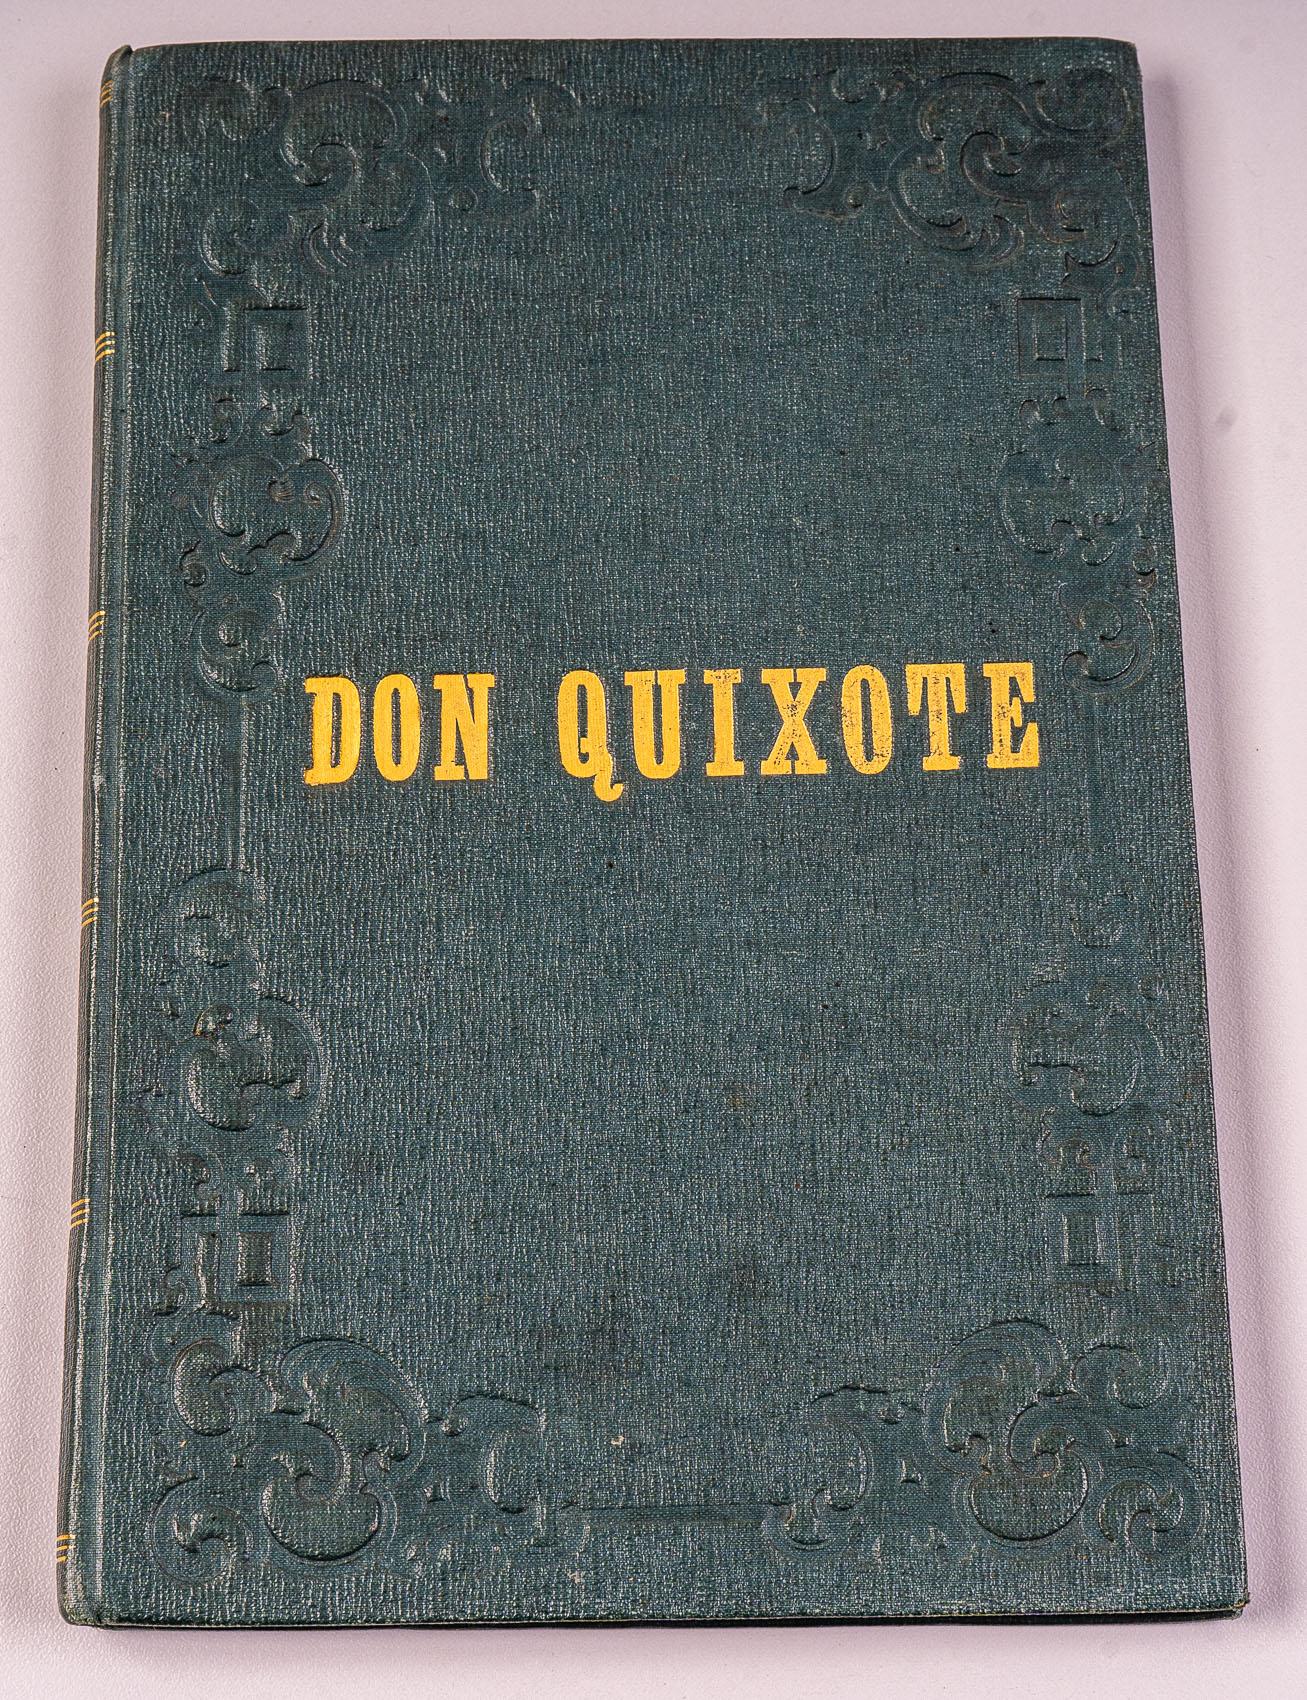 Bilder zum Don Quixote, oder: Darstellung der: Cervantes]